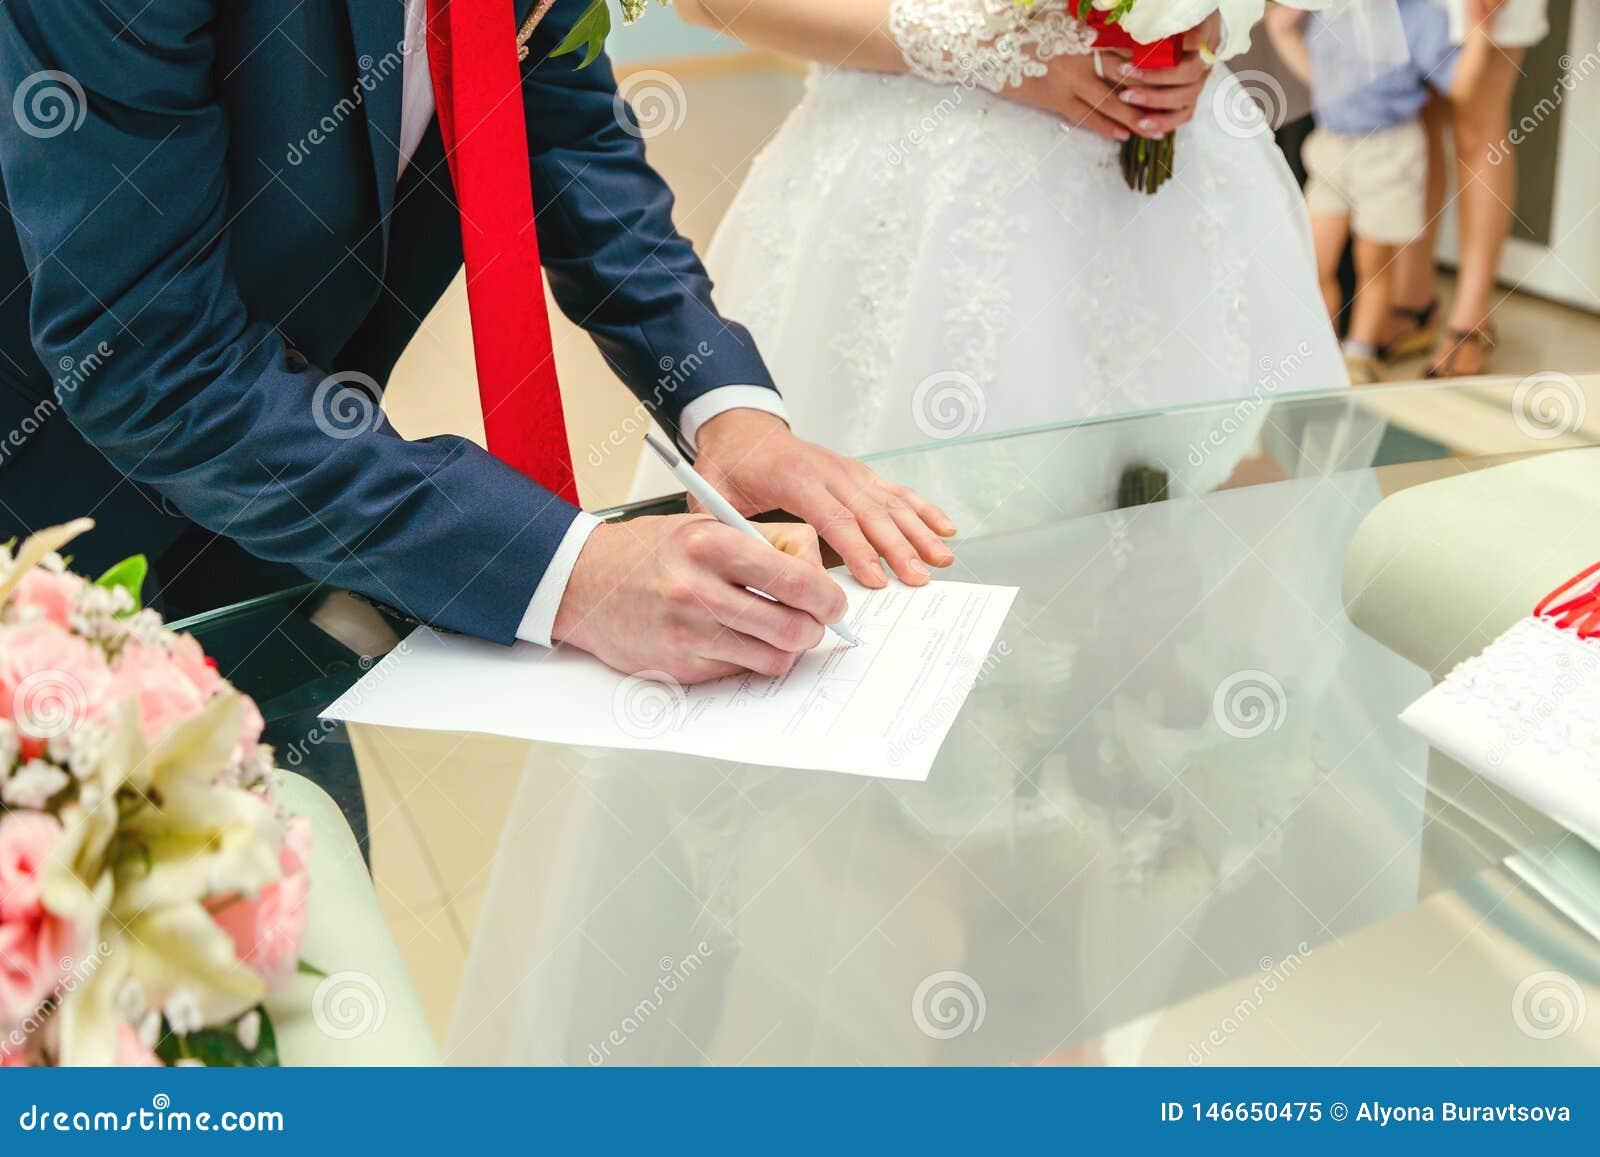 Un uomo mette una firma nei documenti mani e documenti di un uomo